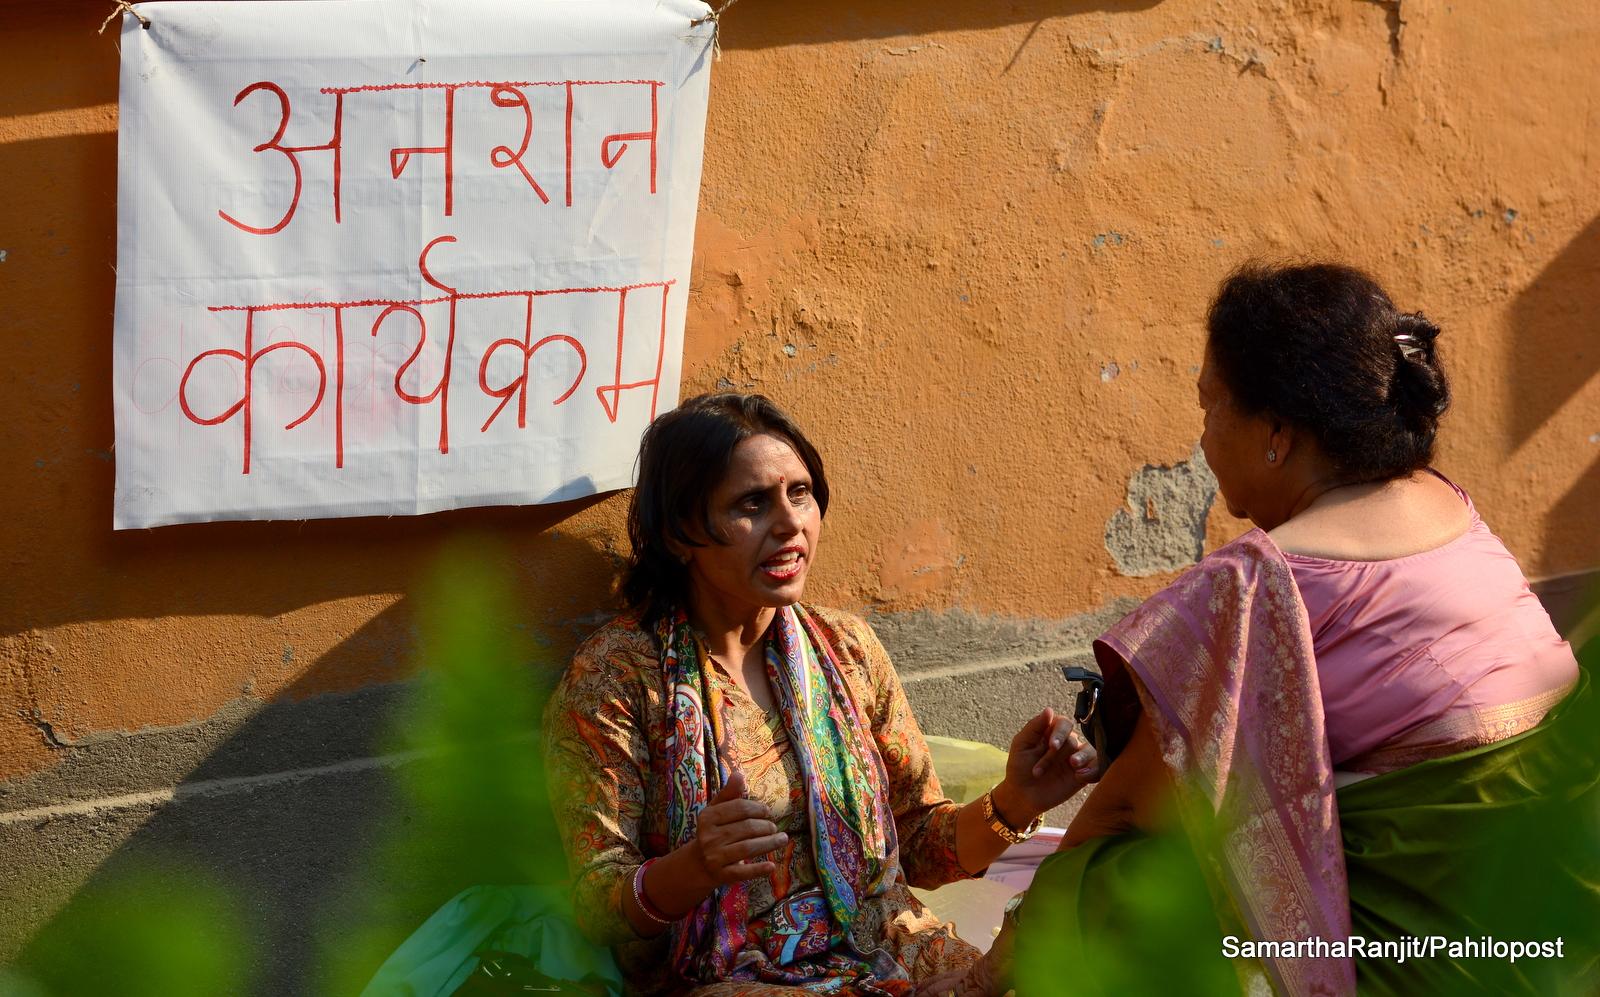 नर्स भर्सेज नर्सिङ संघको लडाई : प्रहरी र पत्रकारमाथि पोखियो आक्रोश